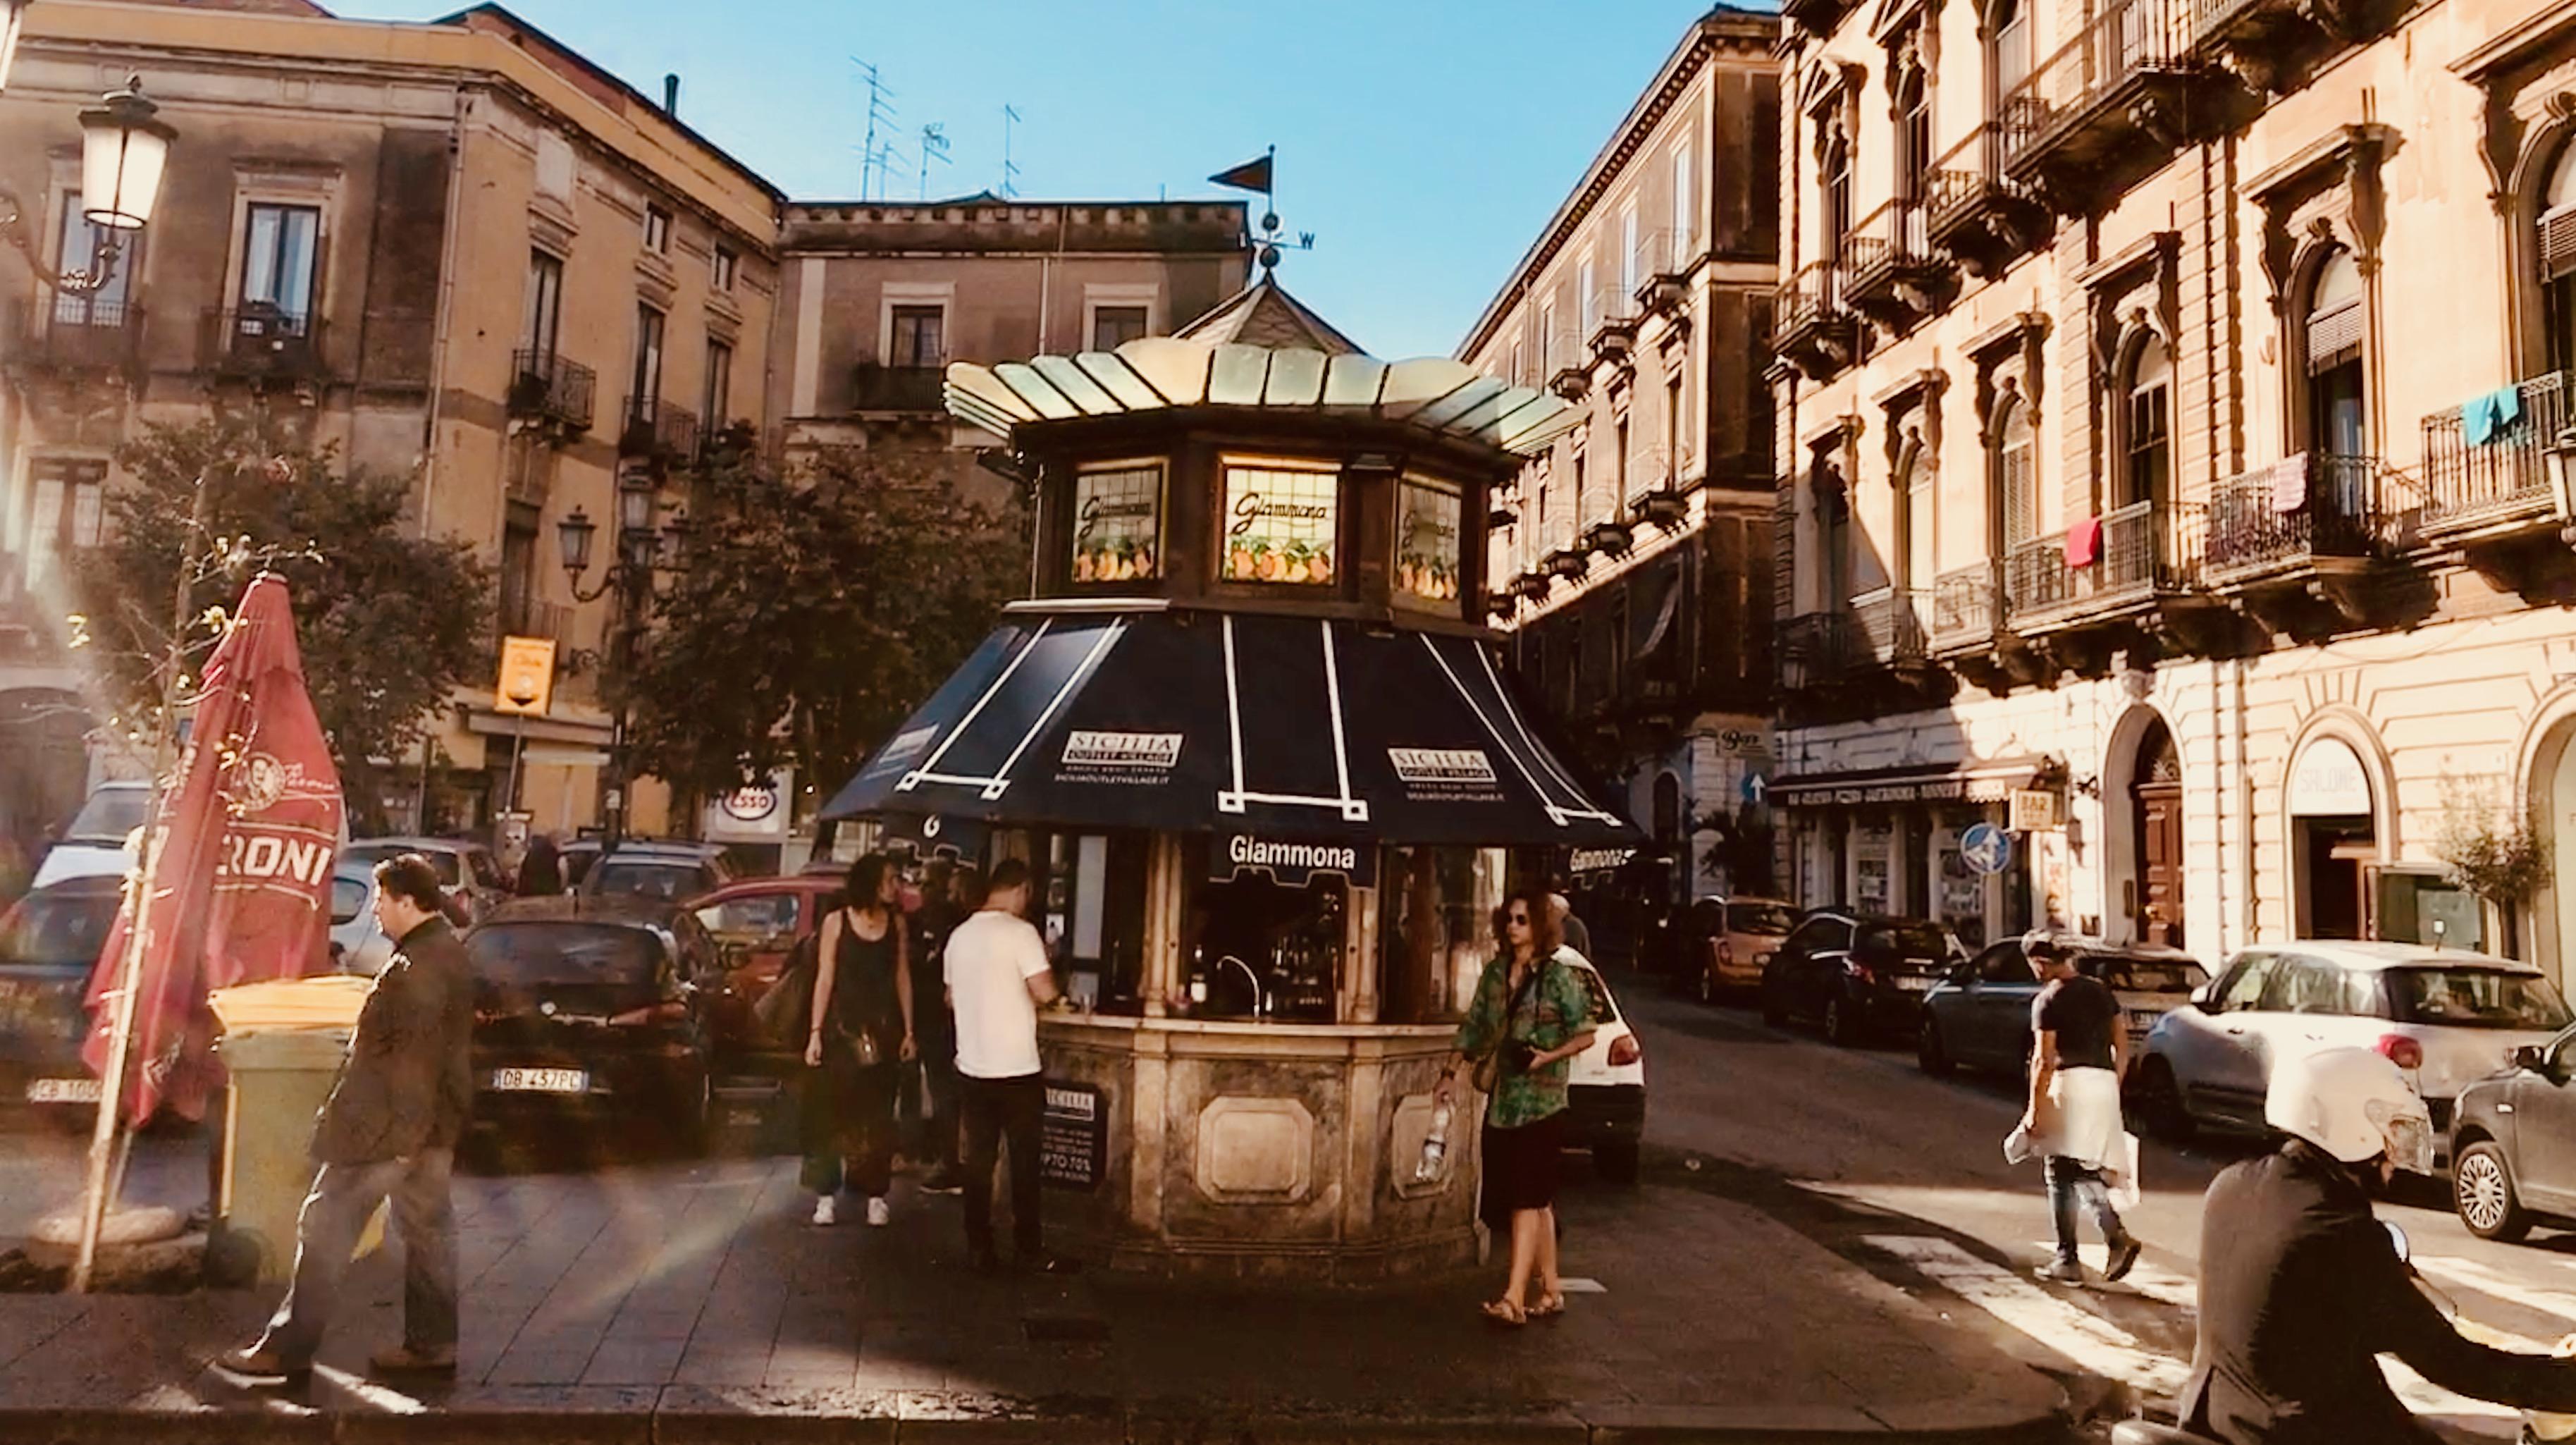 Chiosco Giammona in Catania, Sicily.